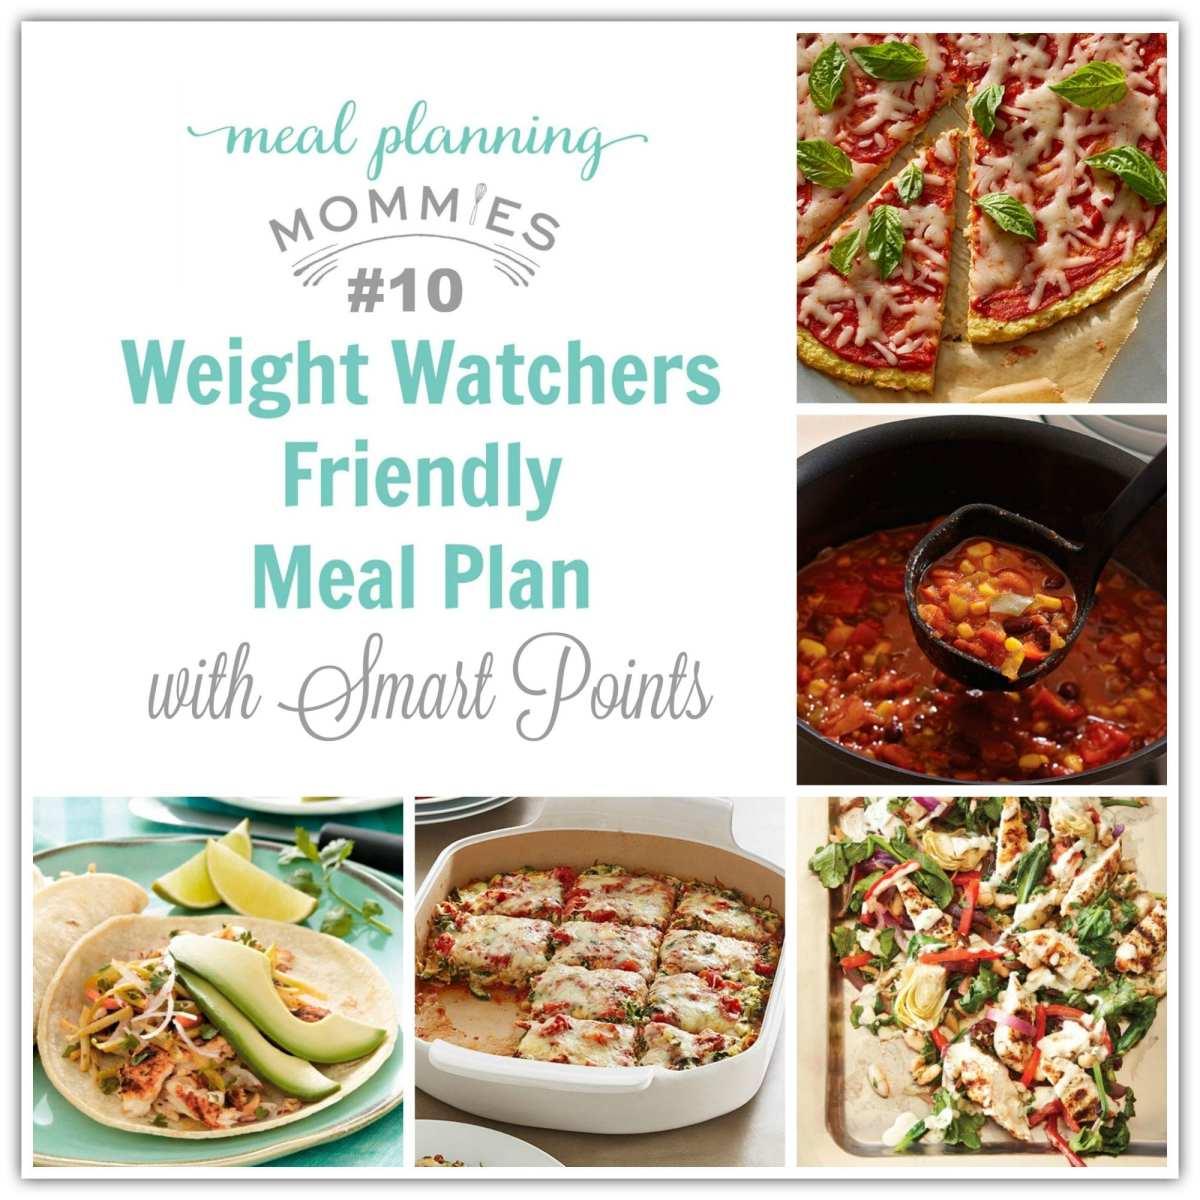 Weight Watcher Meal Plan #10